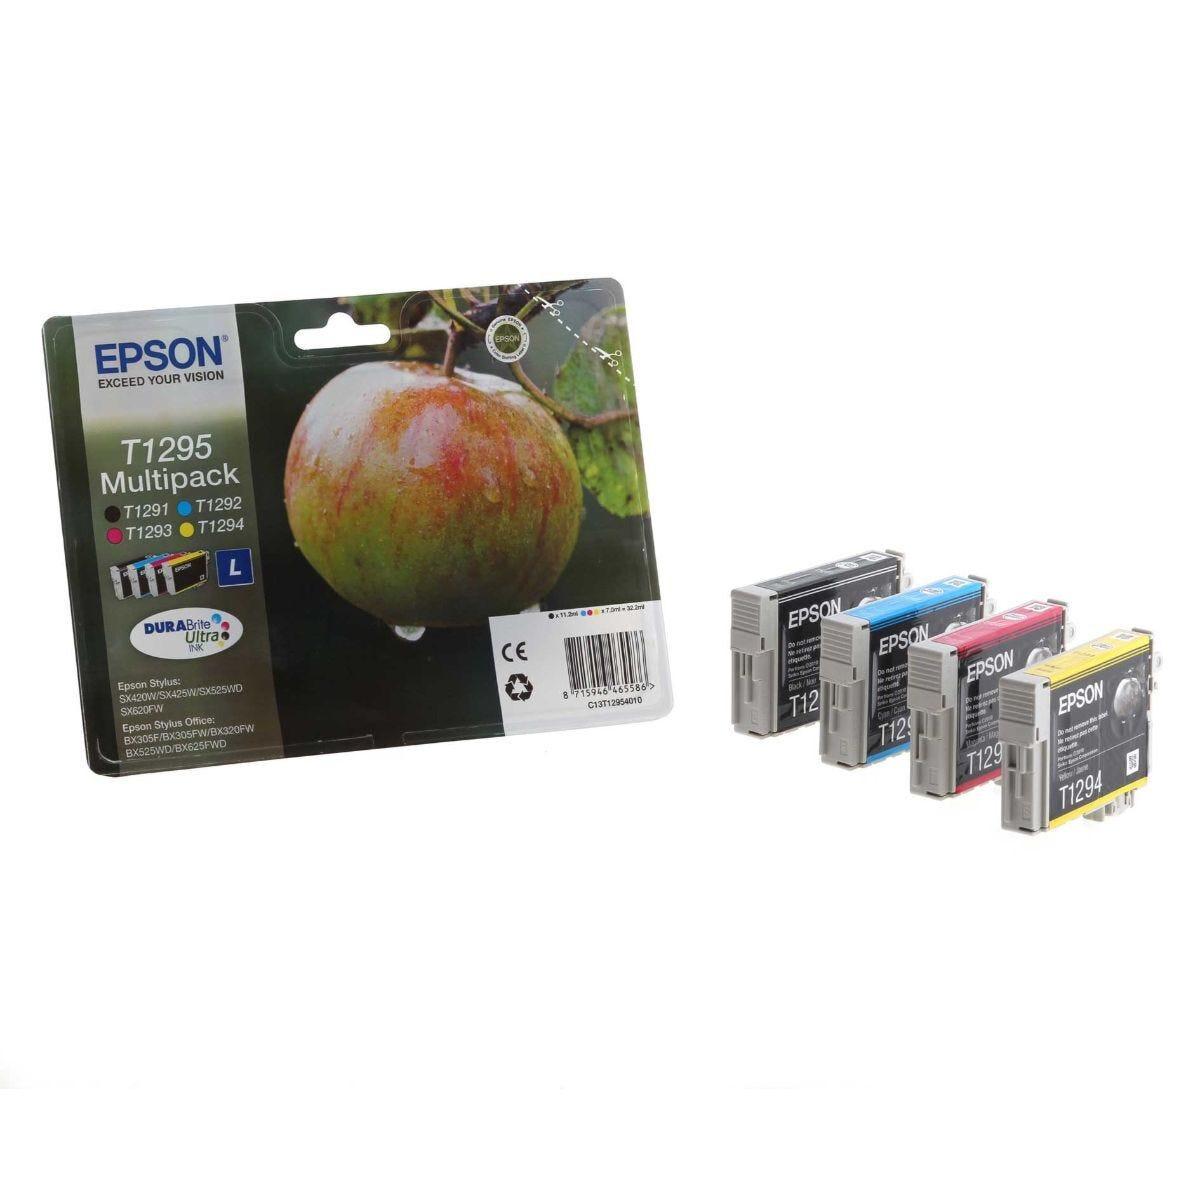 Epson T1295 Inkjet Cartridge Multipack